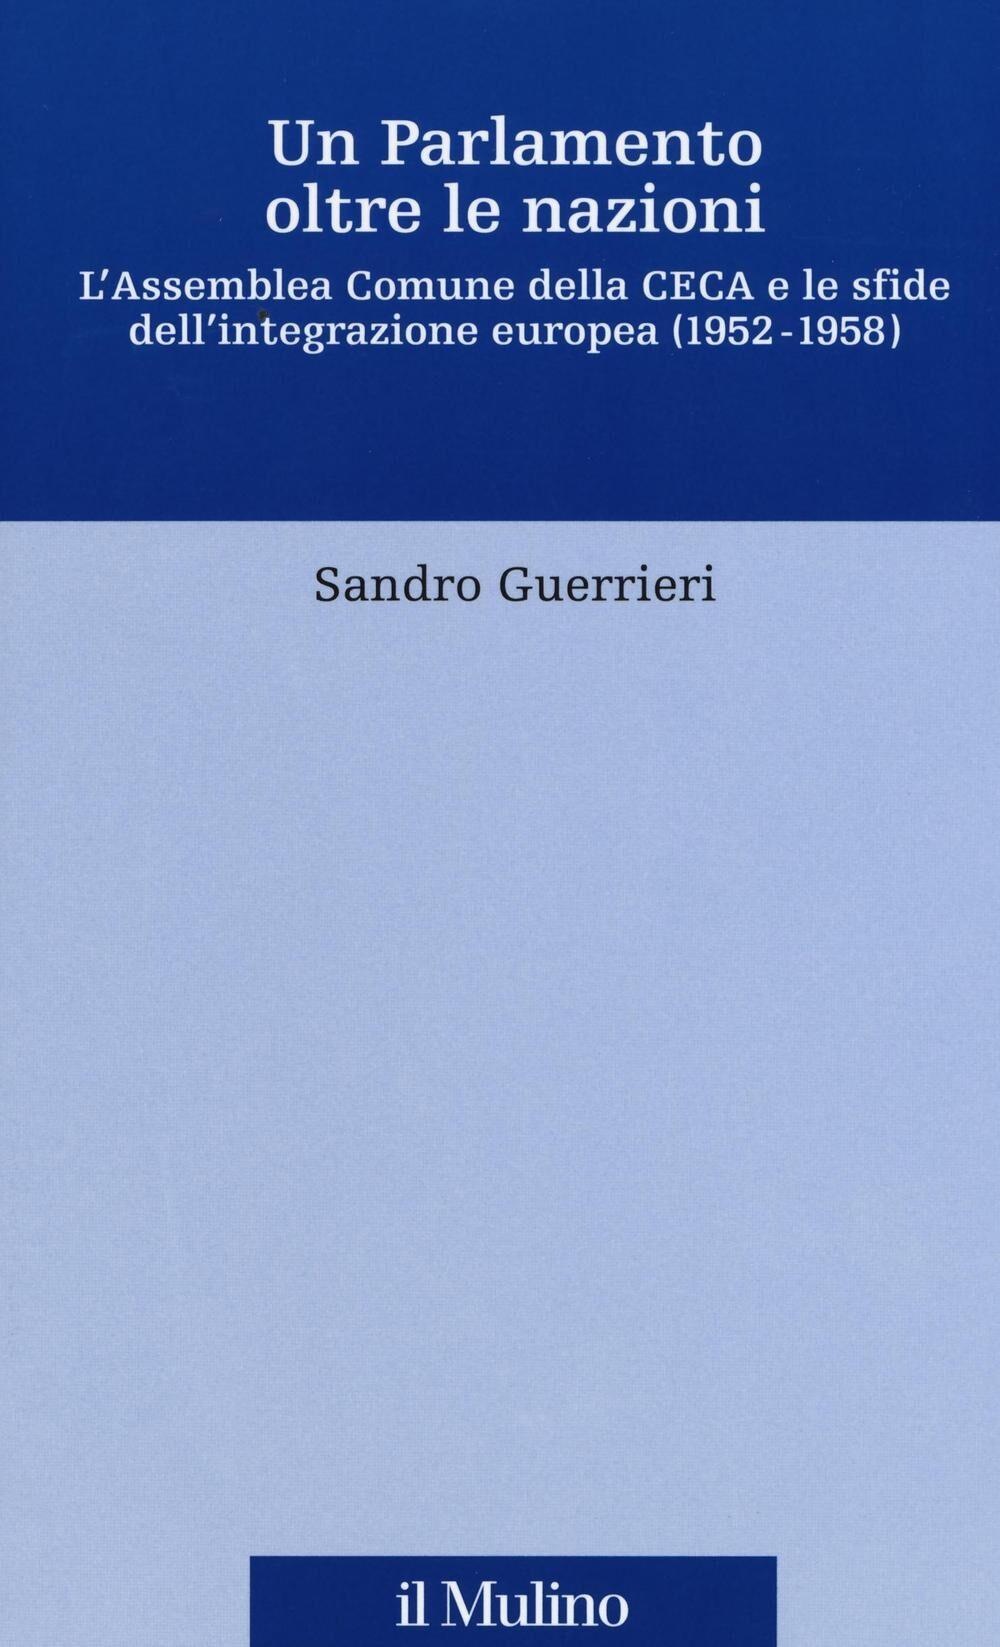 Un Parlamento oltre le nazioni. L'Assemblea Comune della CECA e le sfide dell'integrazione europea (1952-1958)